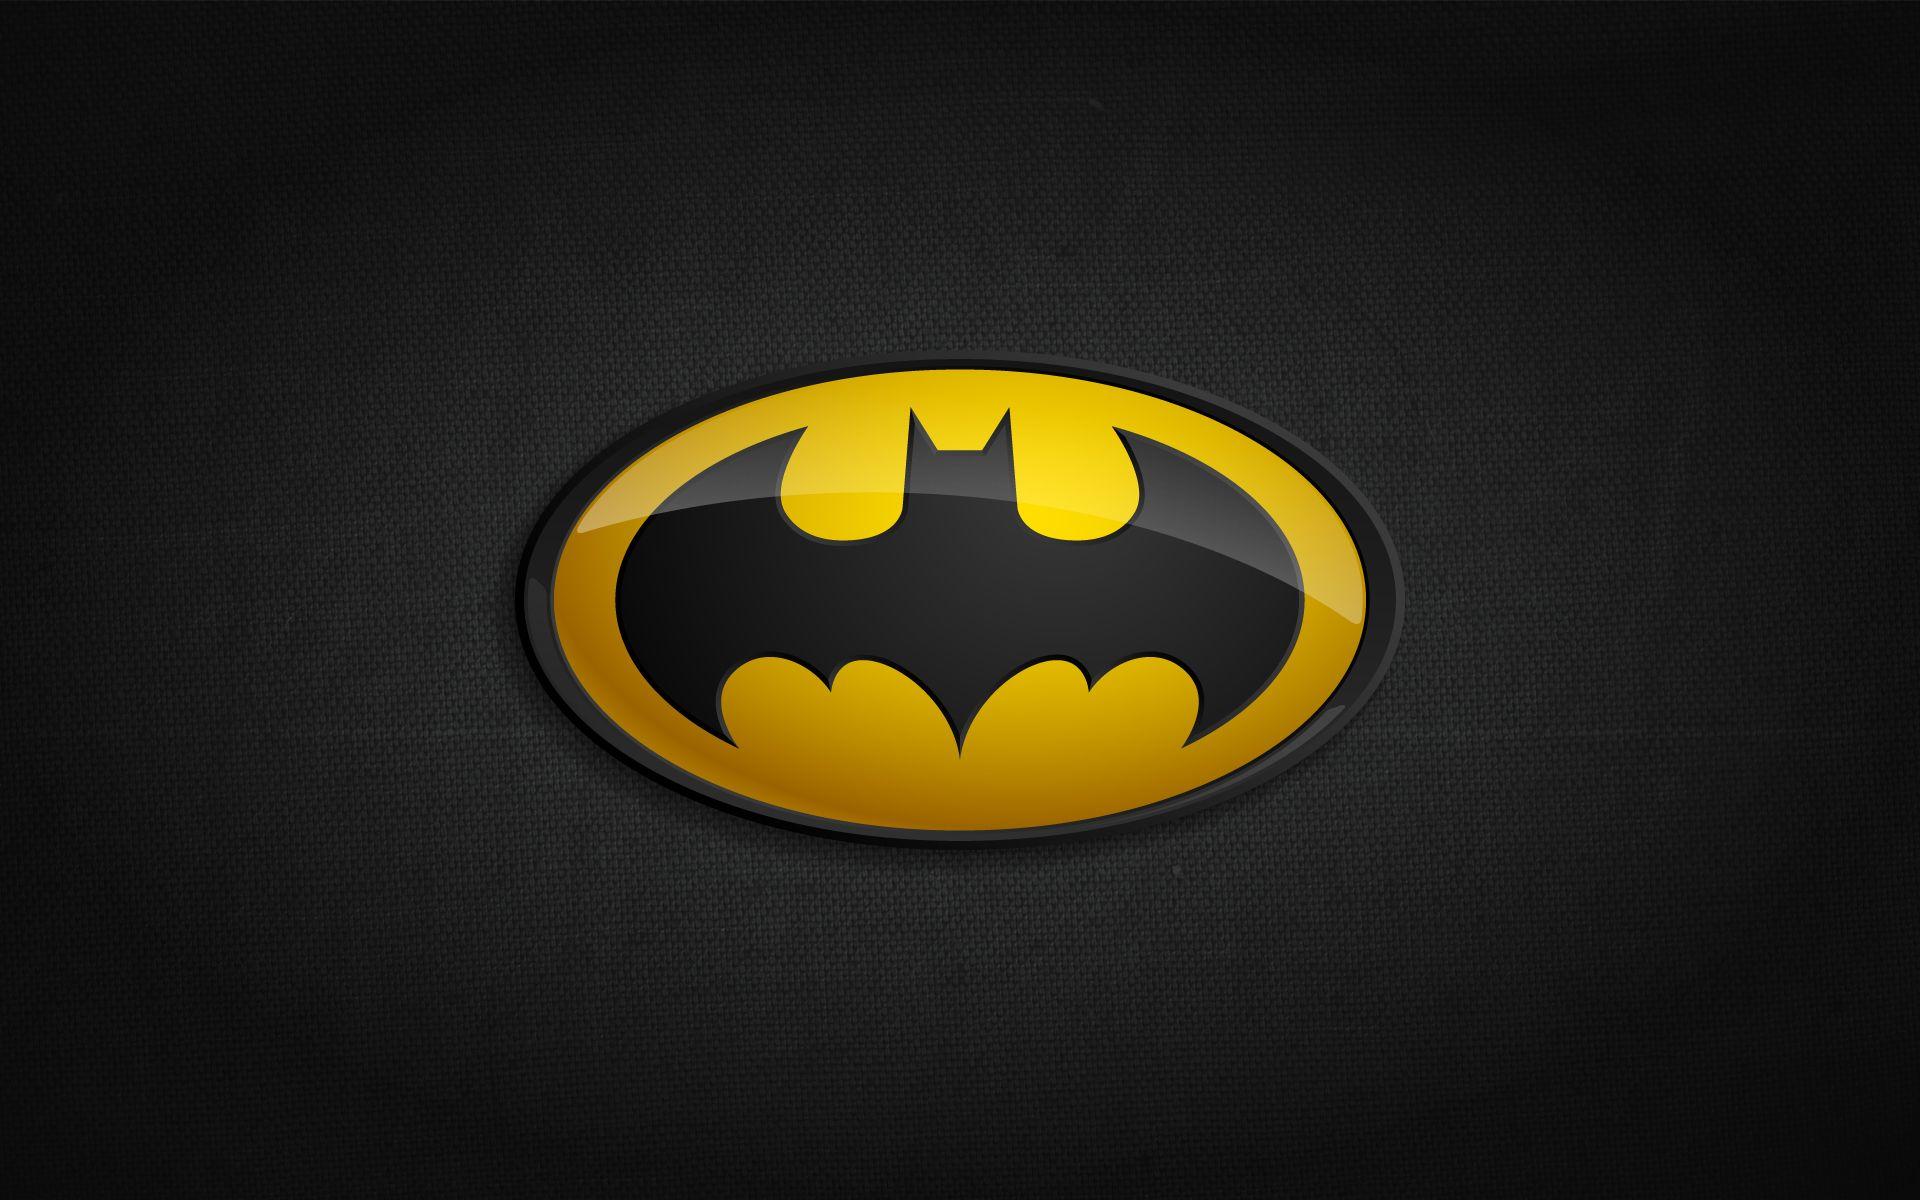 Batman Logo 3d Android Wallpaper Batman Wallpaper Batman Logo